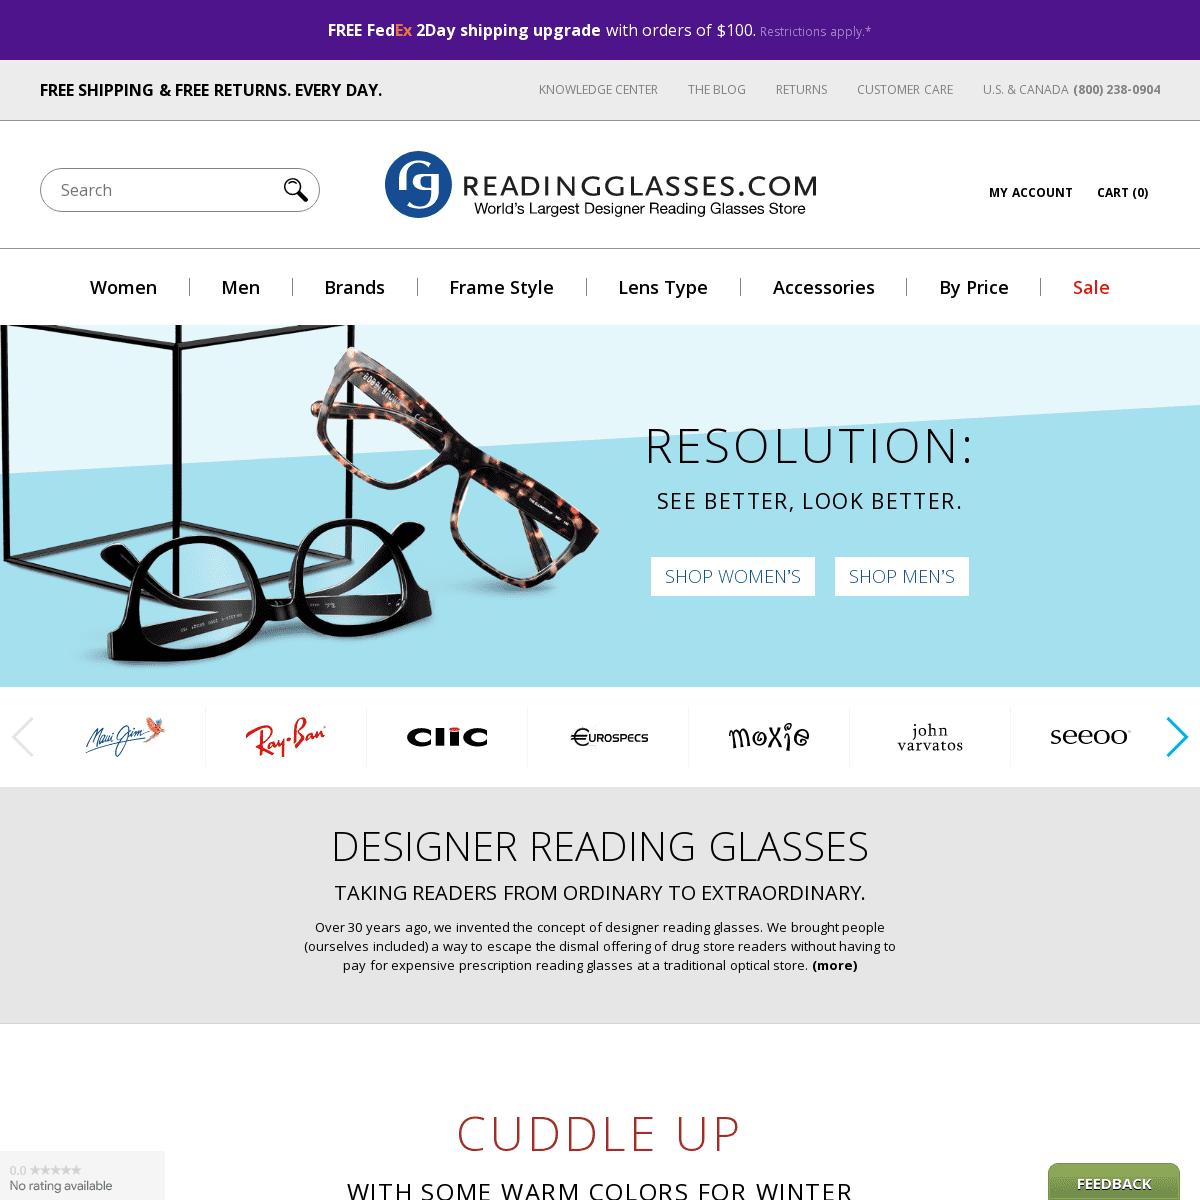 The World's Largest Designer Reading Glasses Store - ReadingGlasses.com